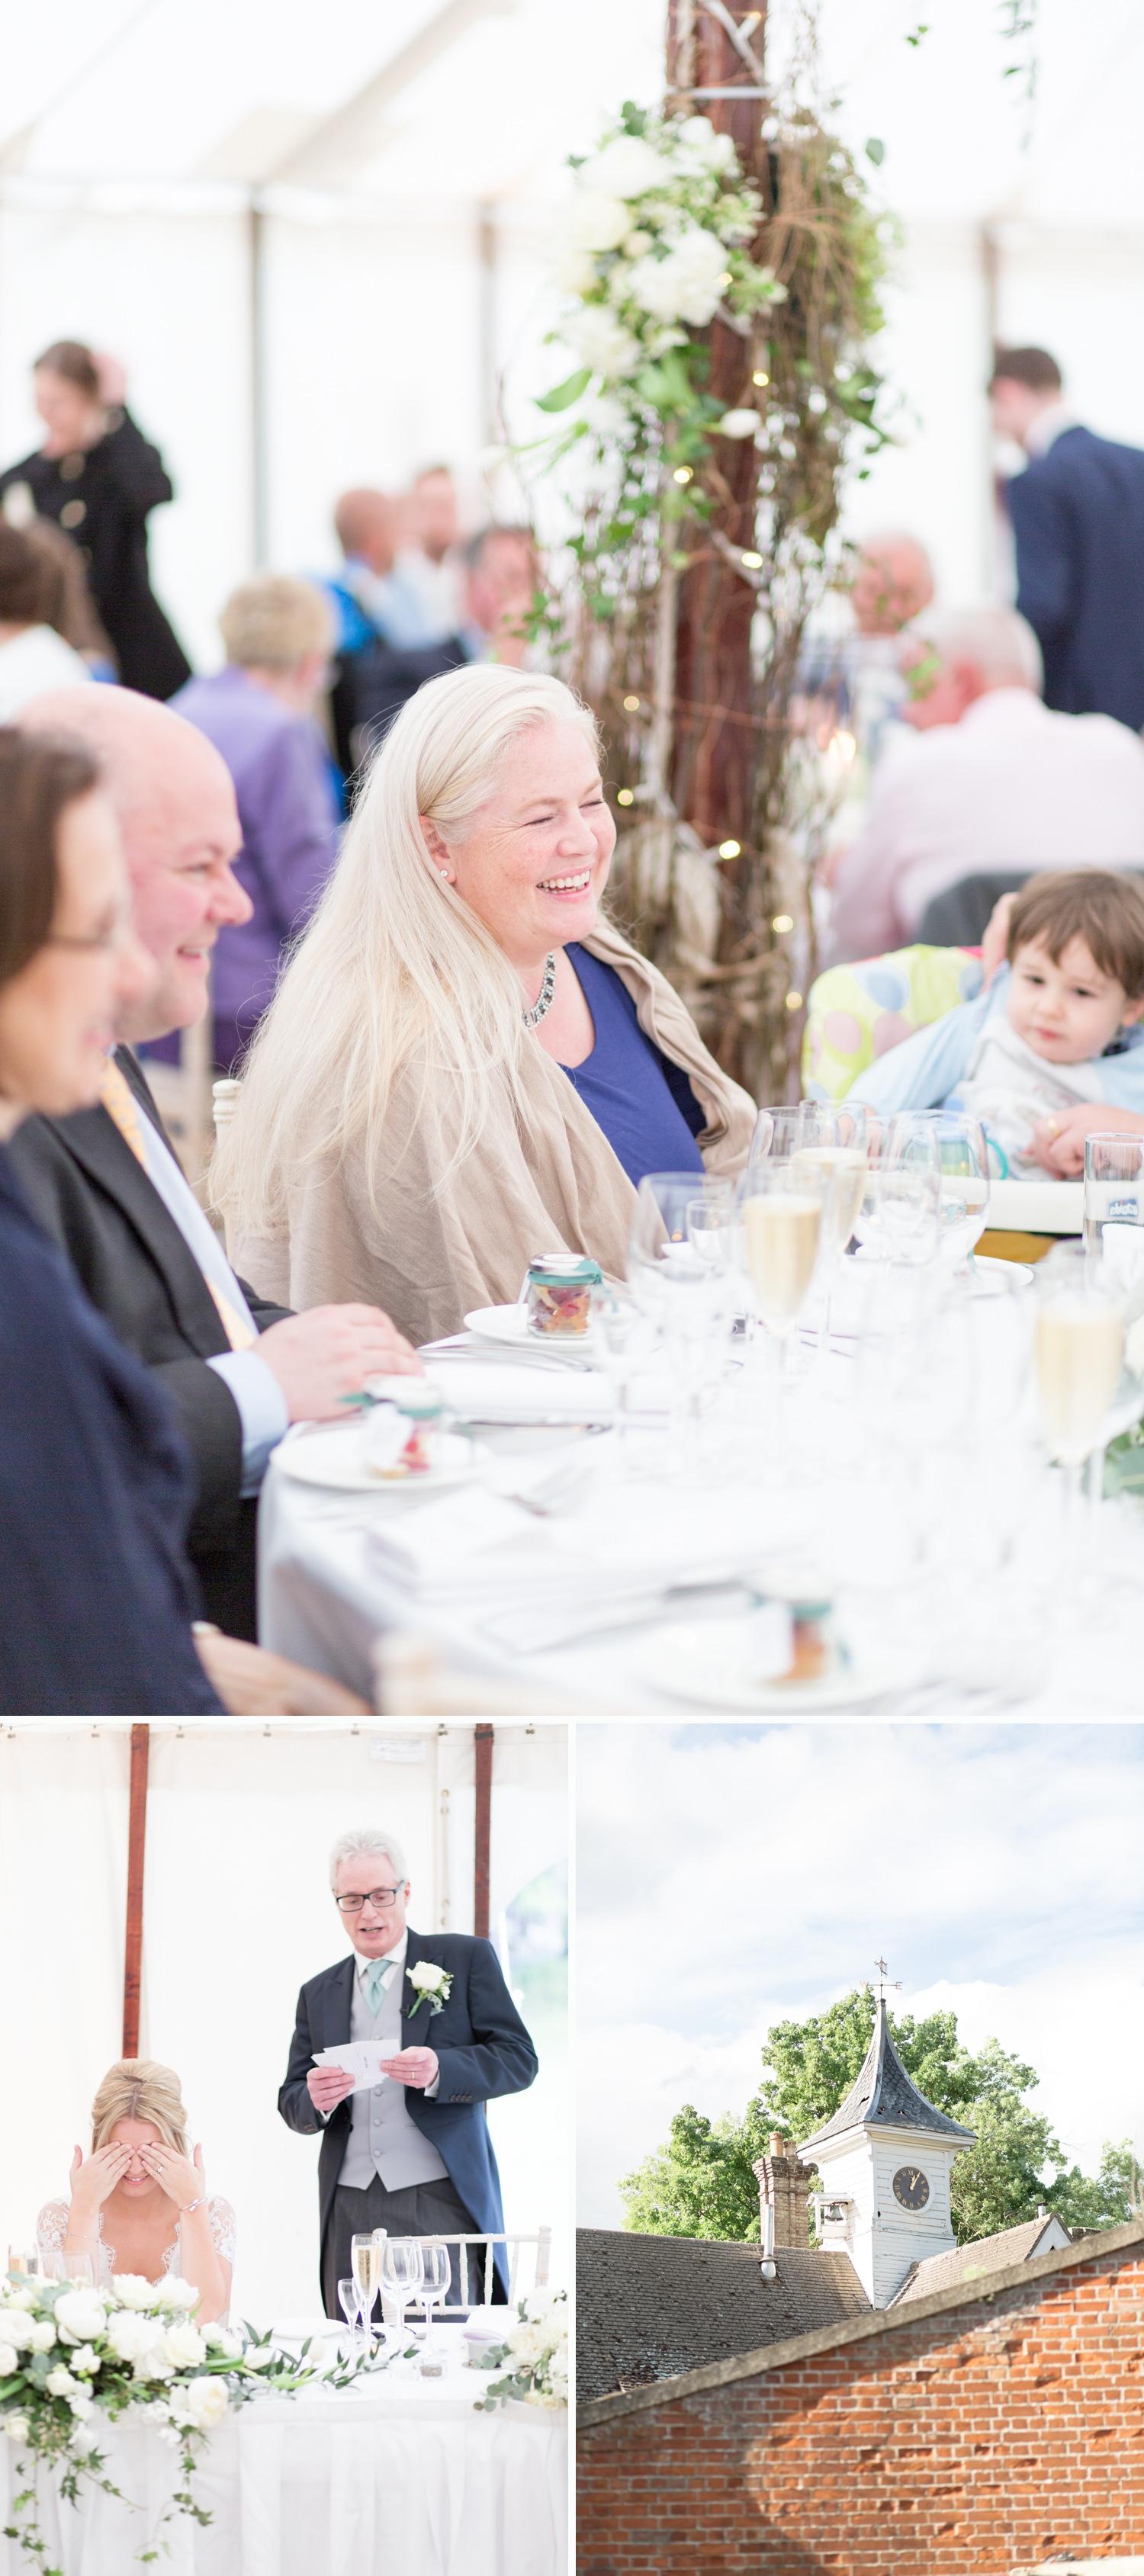 Emily & Jonathan's Cambridgeshire wedding - the wedding breakfast